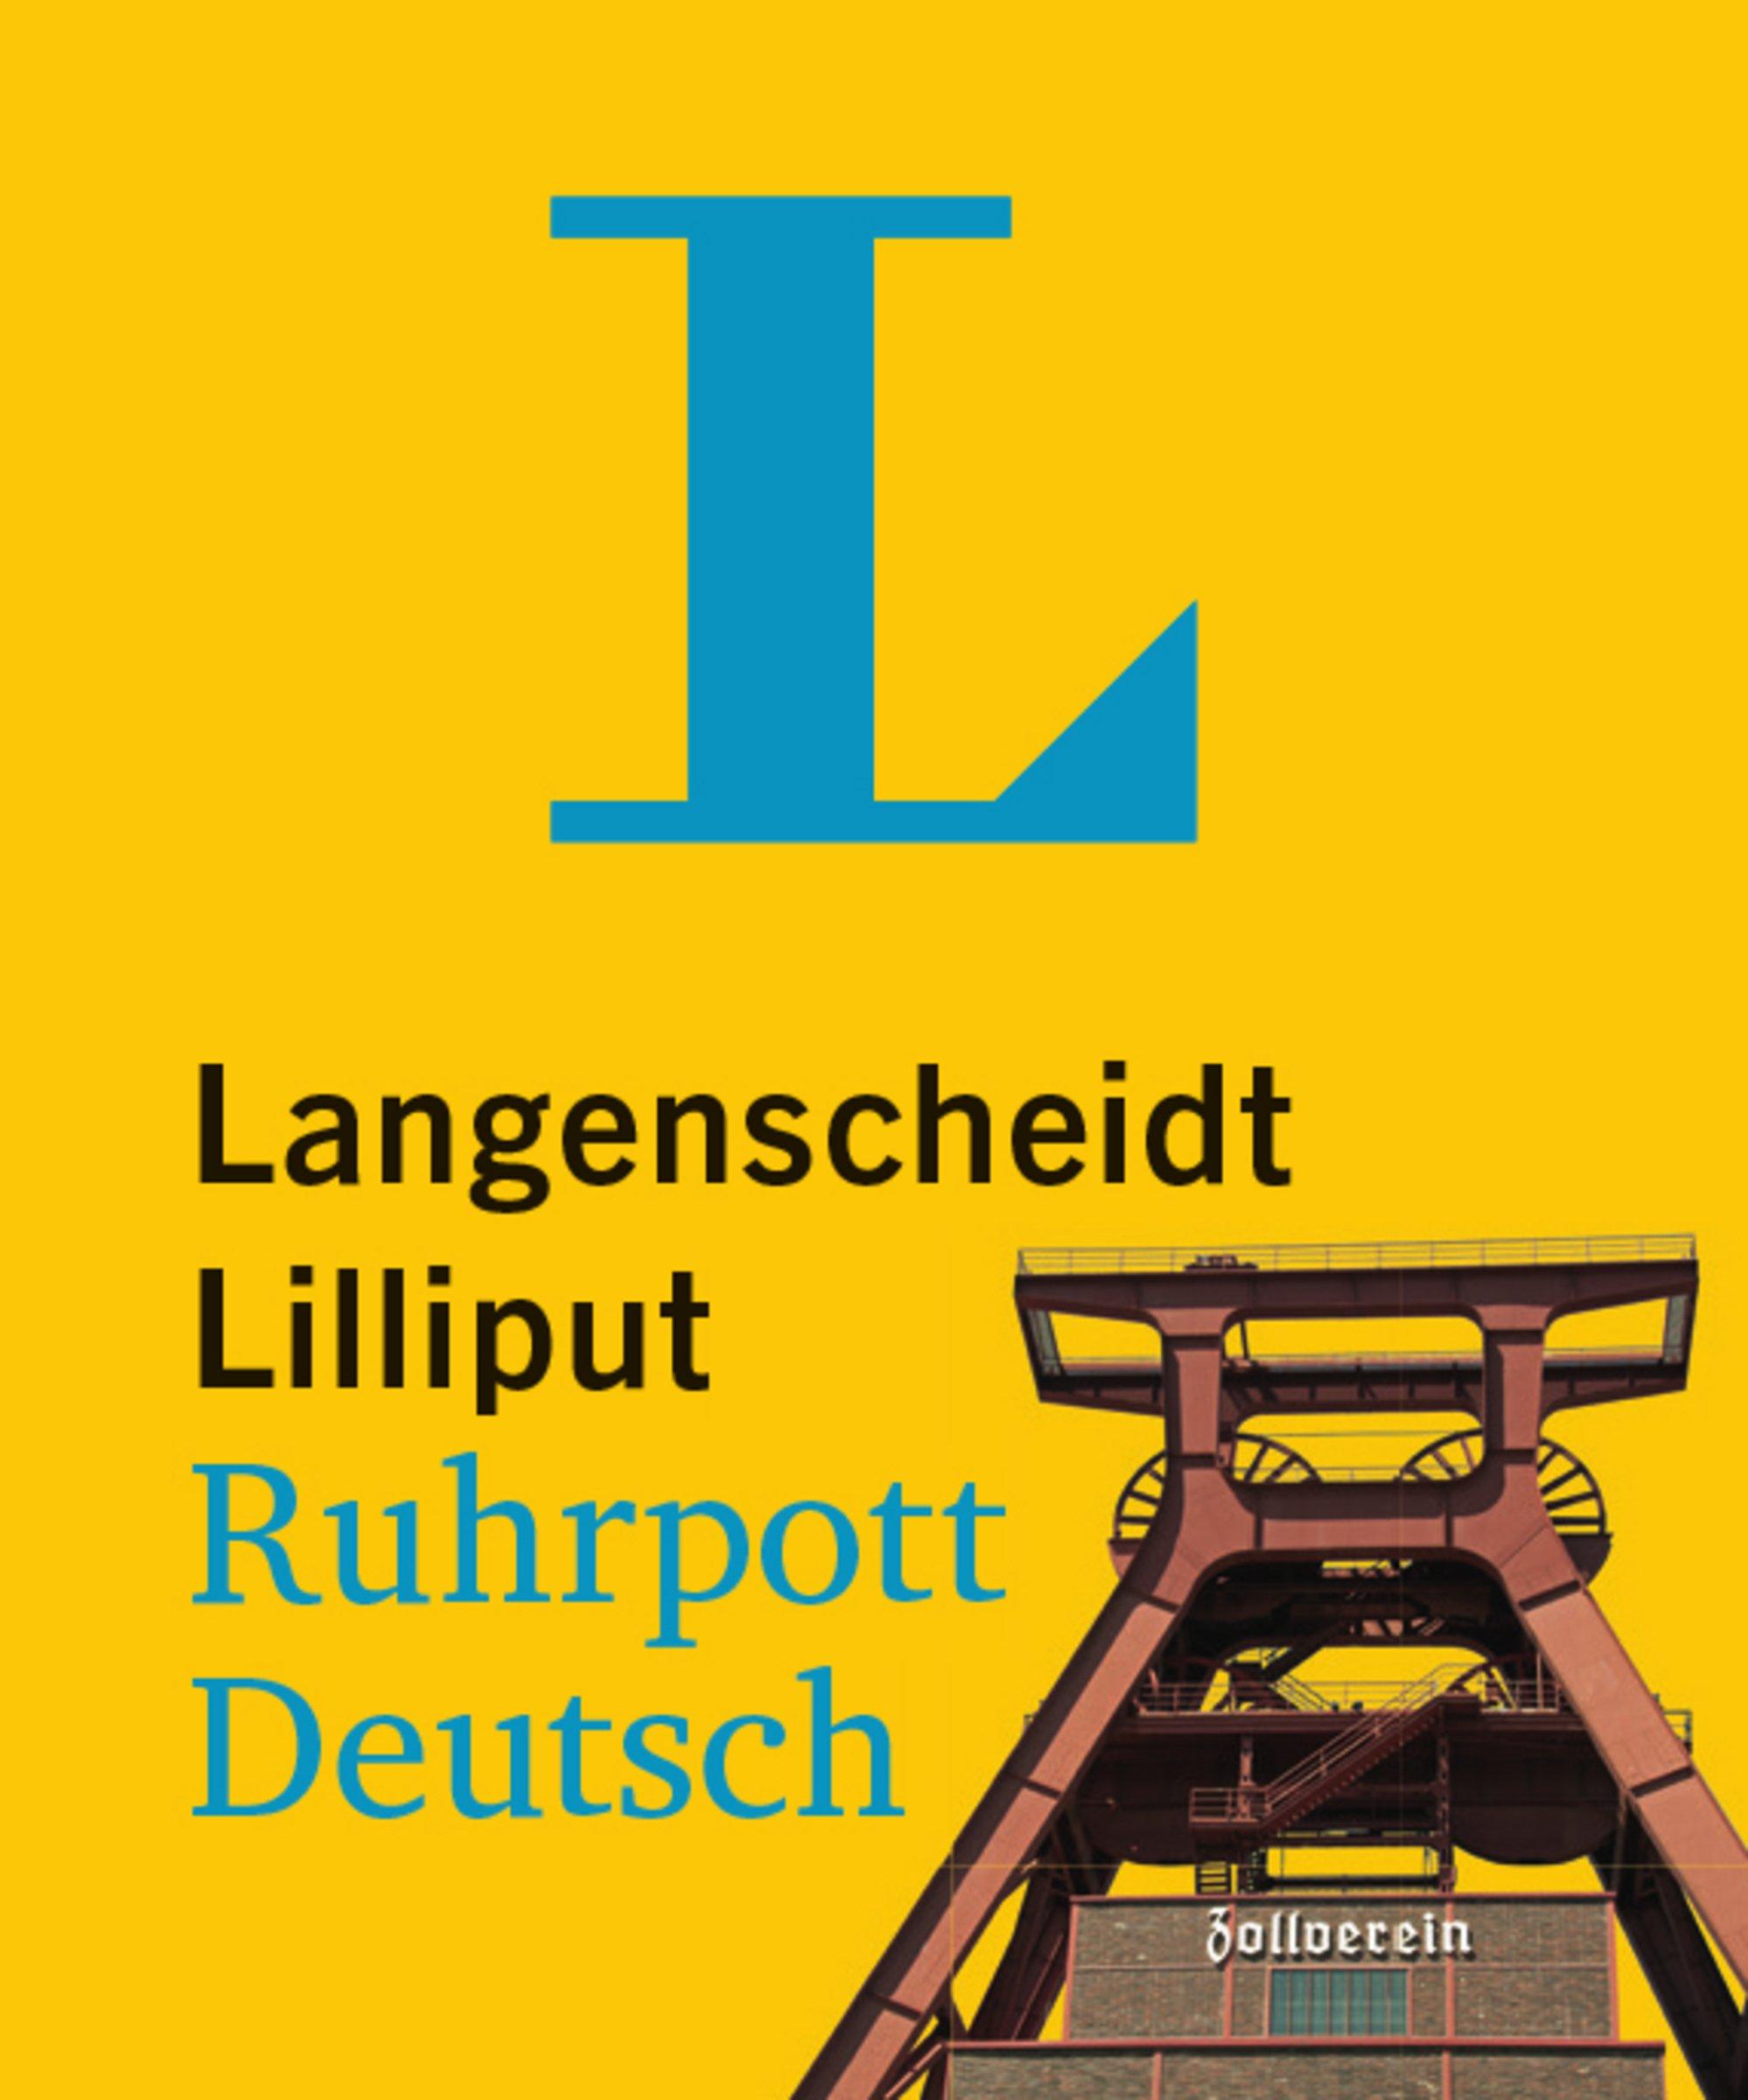 Langenscheidt Lilliput Ruhrpott-Deutsch - im Mini-Format: Ruhrpott-Deutsch-Hochdeutsch/Hochdeutsch-Ruhrpott-Deutsch (Langenscheidt Dialekt-Lilliputs)